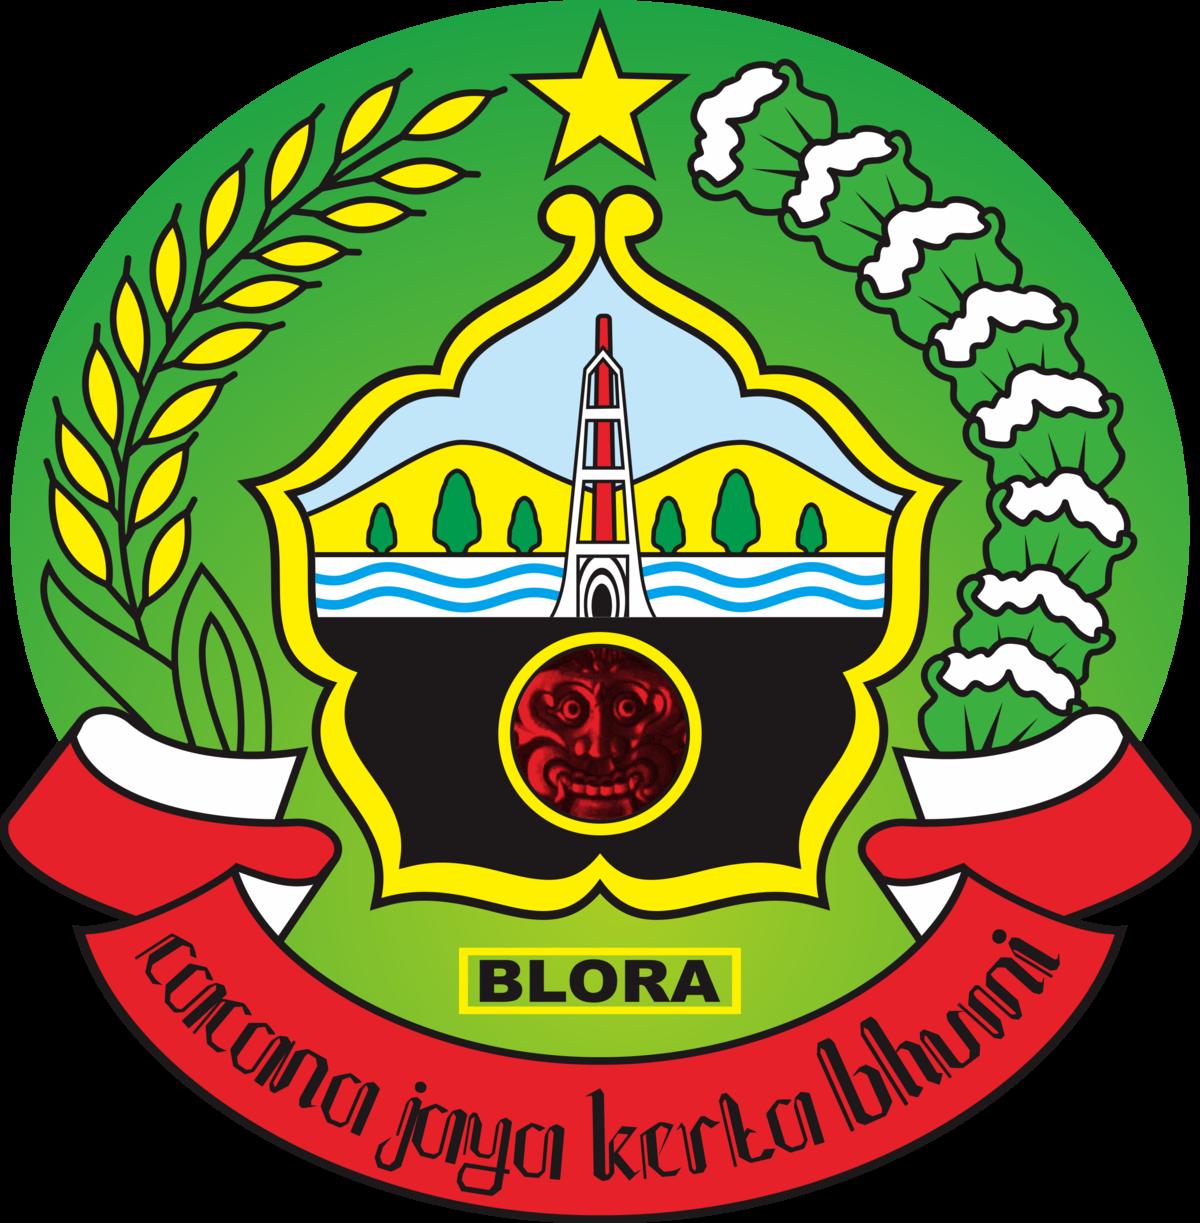 Kabupaten Blora Wikipedia Bahasa Indonesia Ensiklopedia Bebas Kampung Gojekan Kab